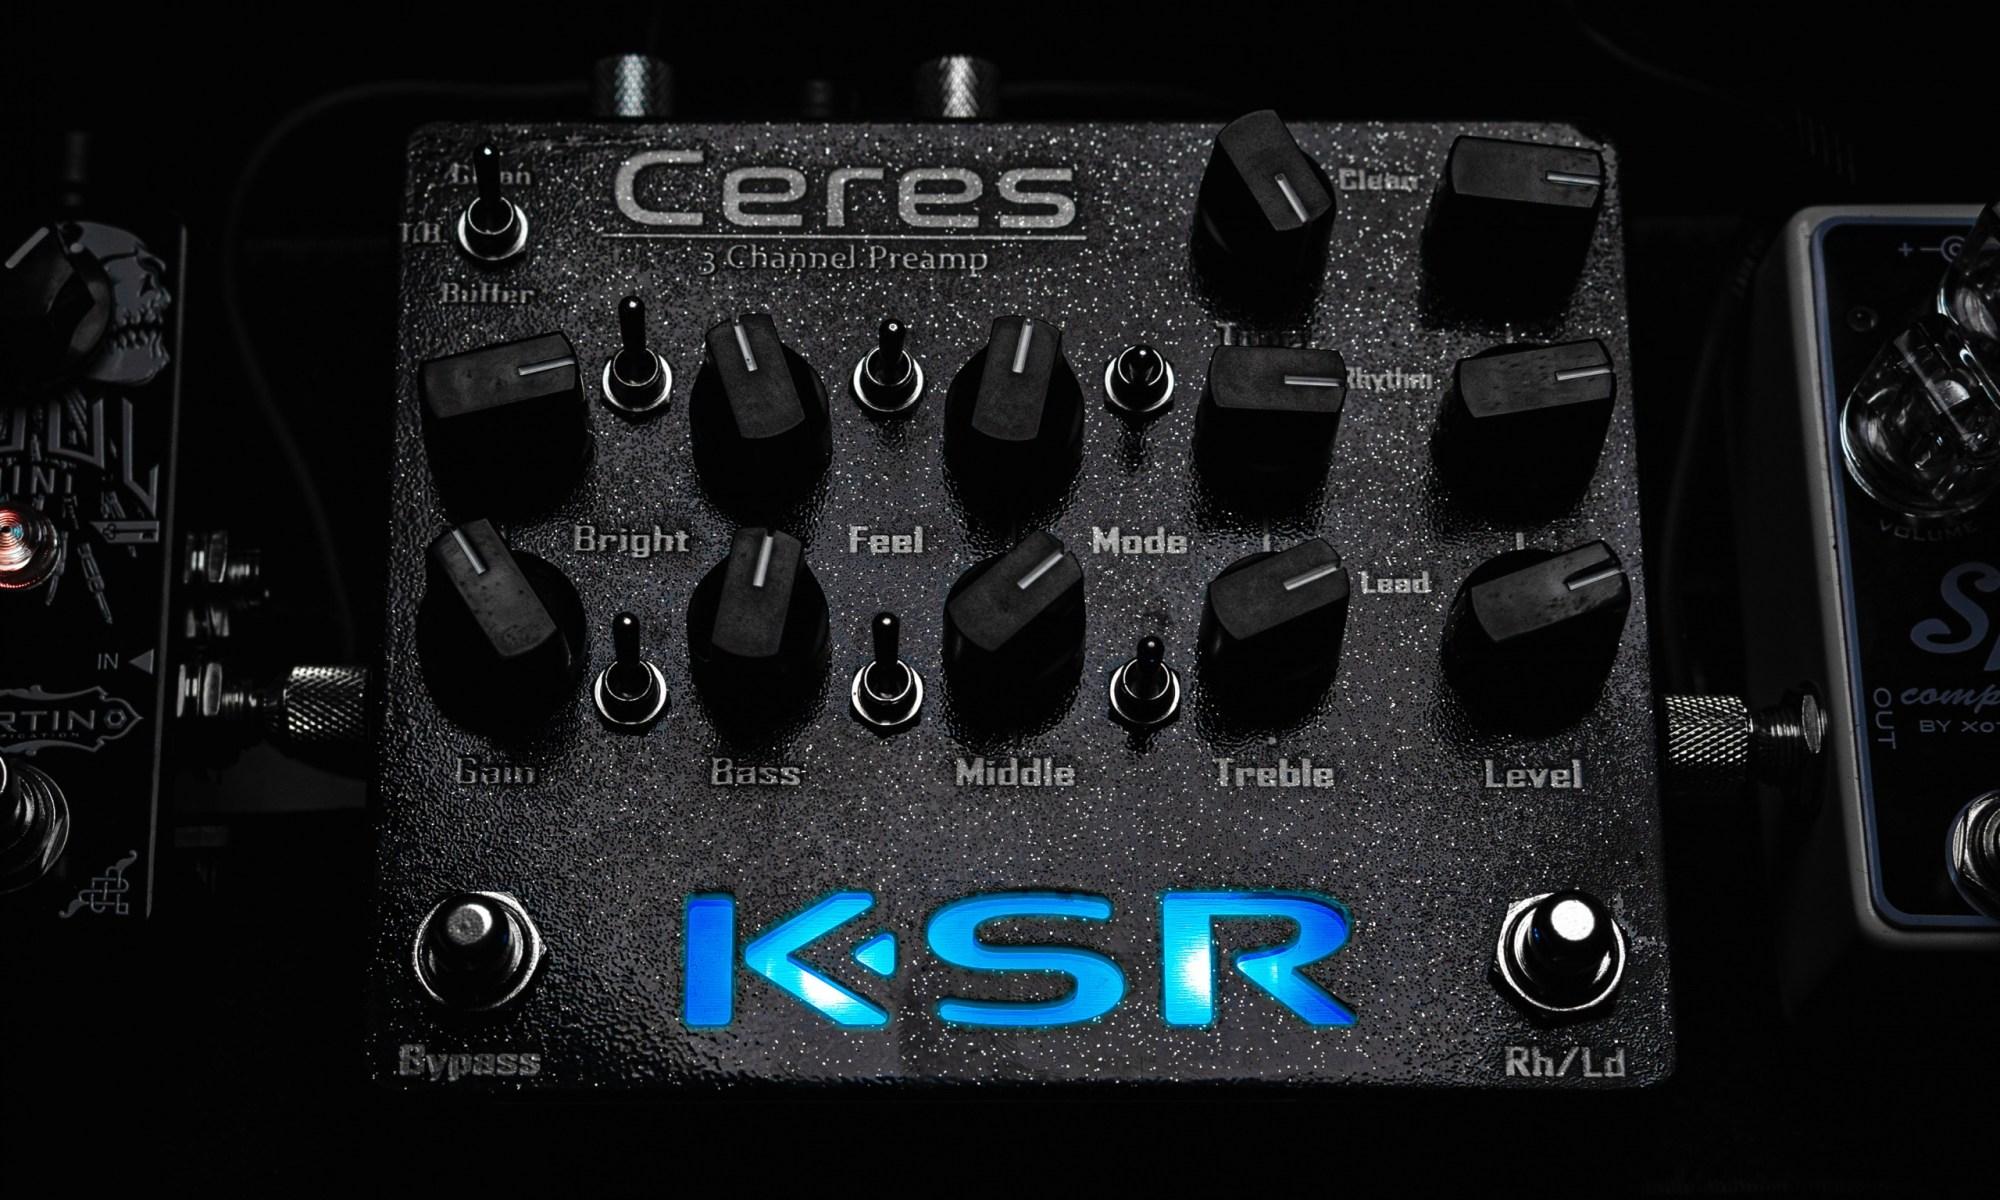 KSR Ceres lit in blue